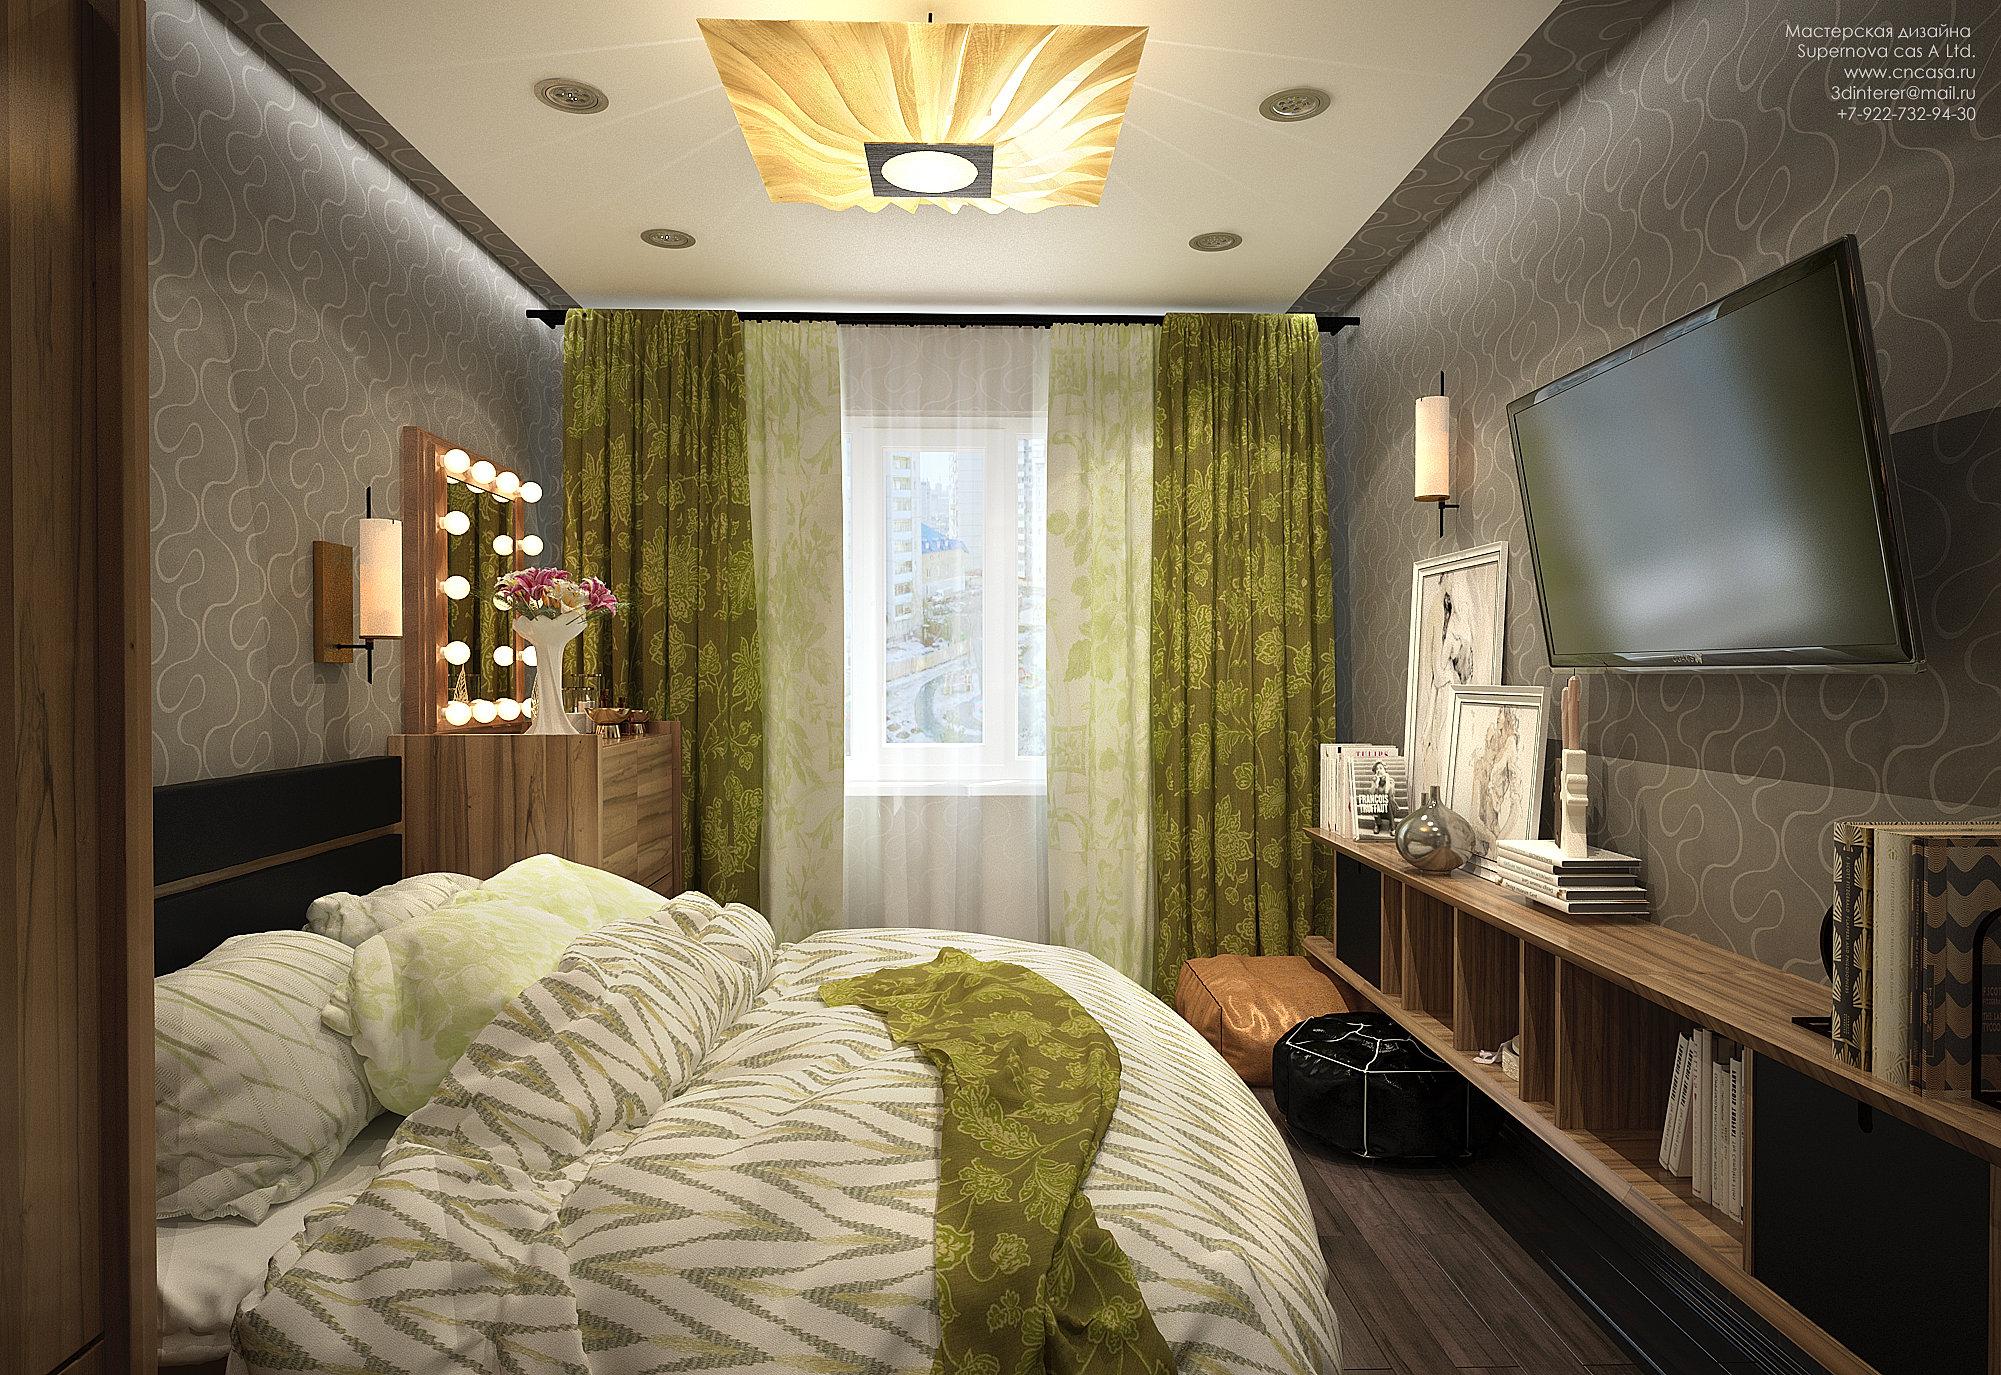 фото ремонта квартир в новостройках дизайн двухкомнатной квартиры